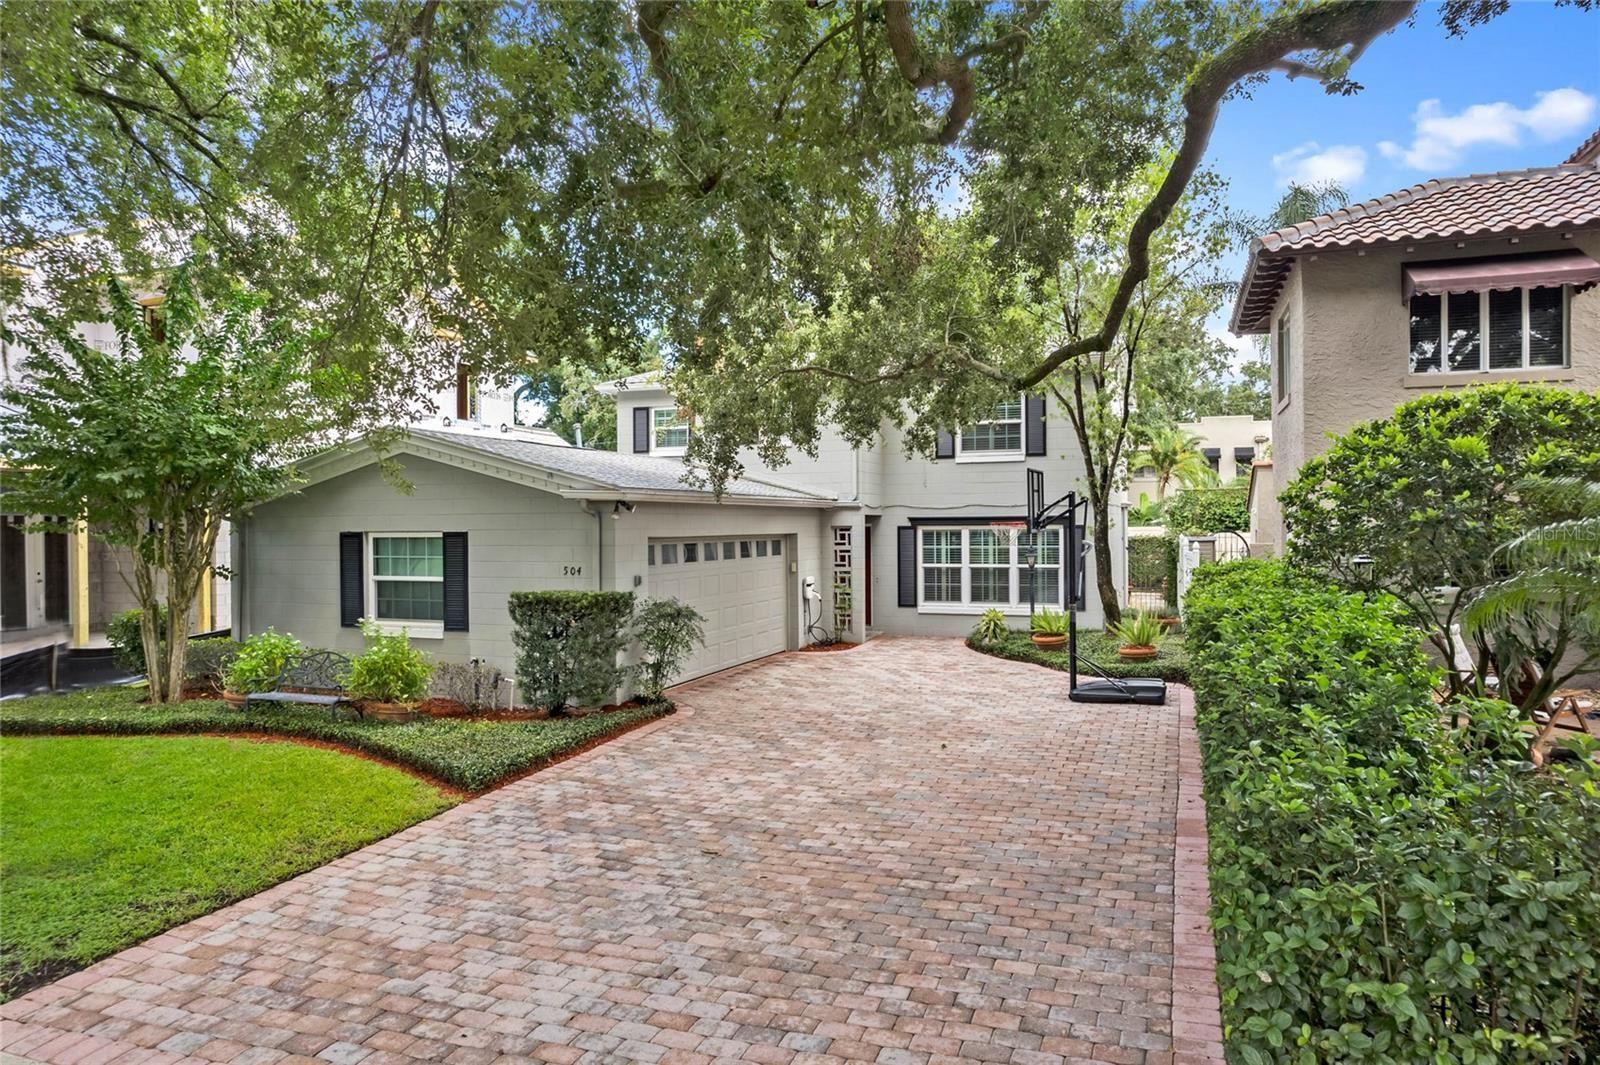 504 RICHMOND STREET, Orlando, FL 32806 - #: O5965228